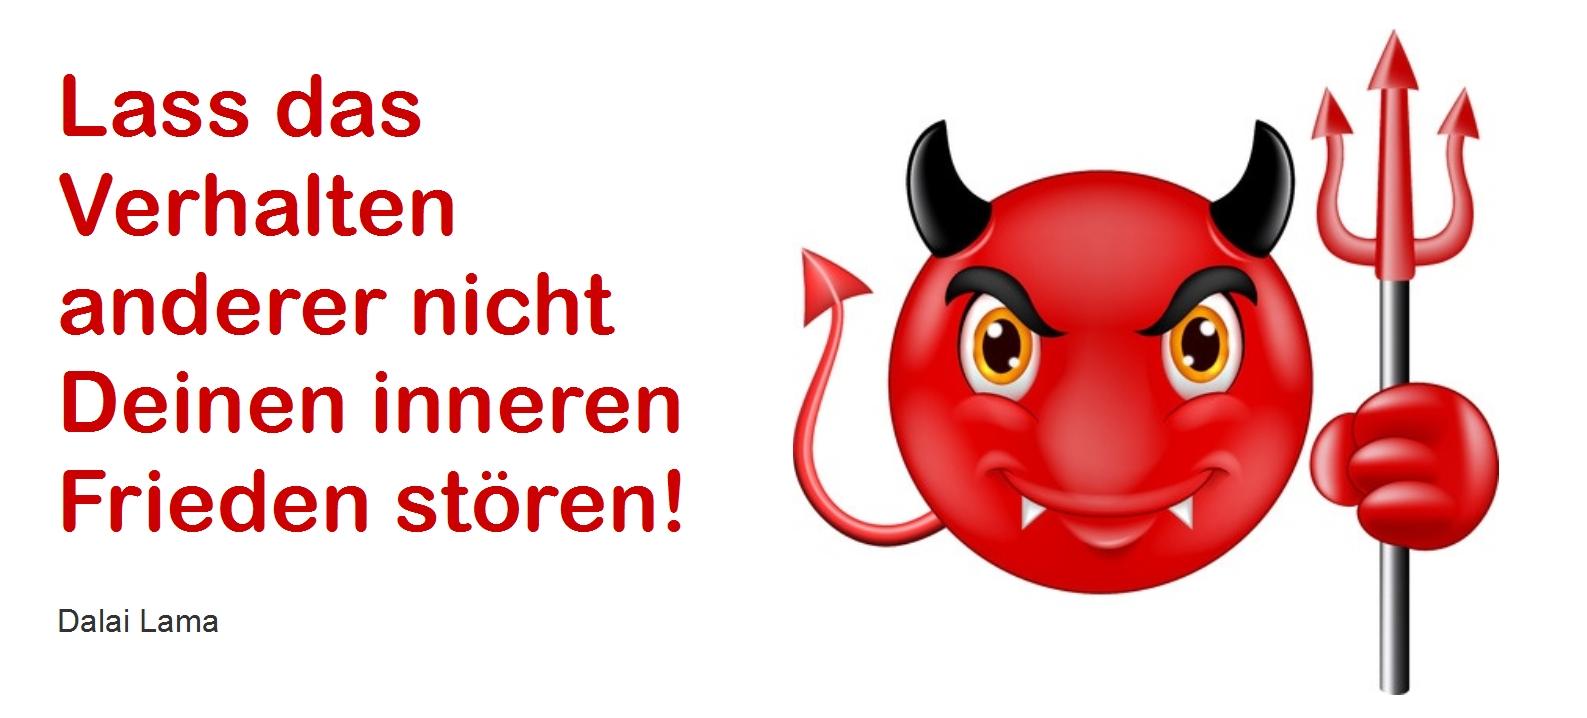 Teufel1